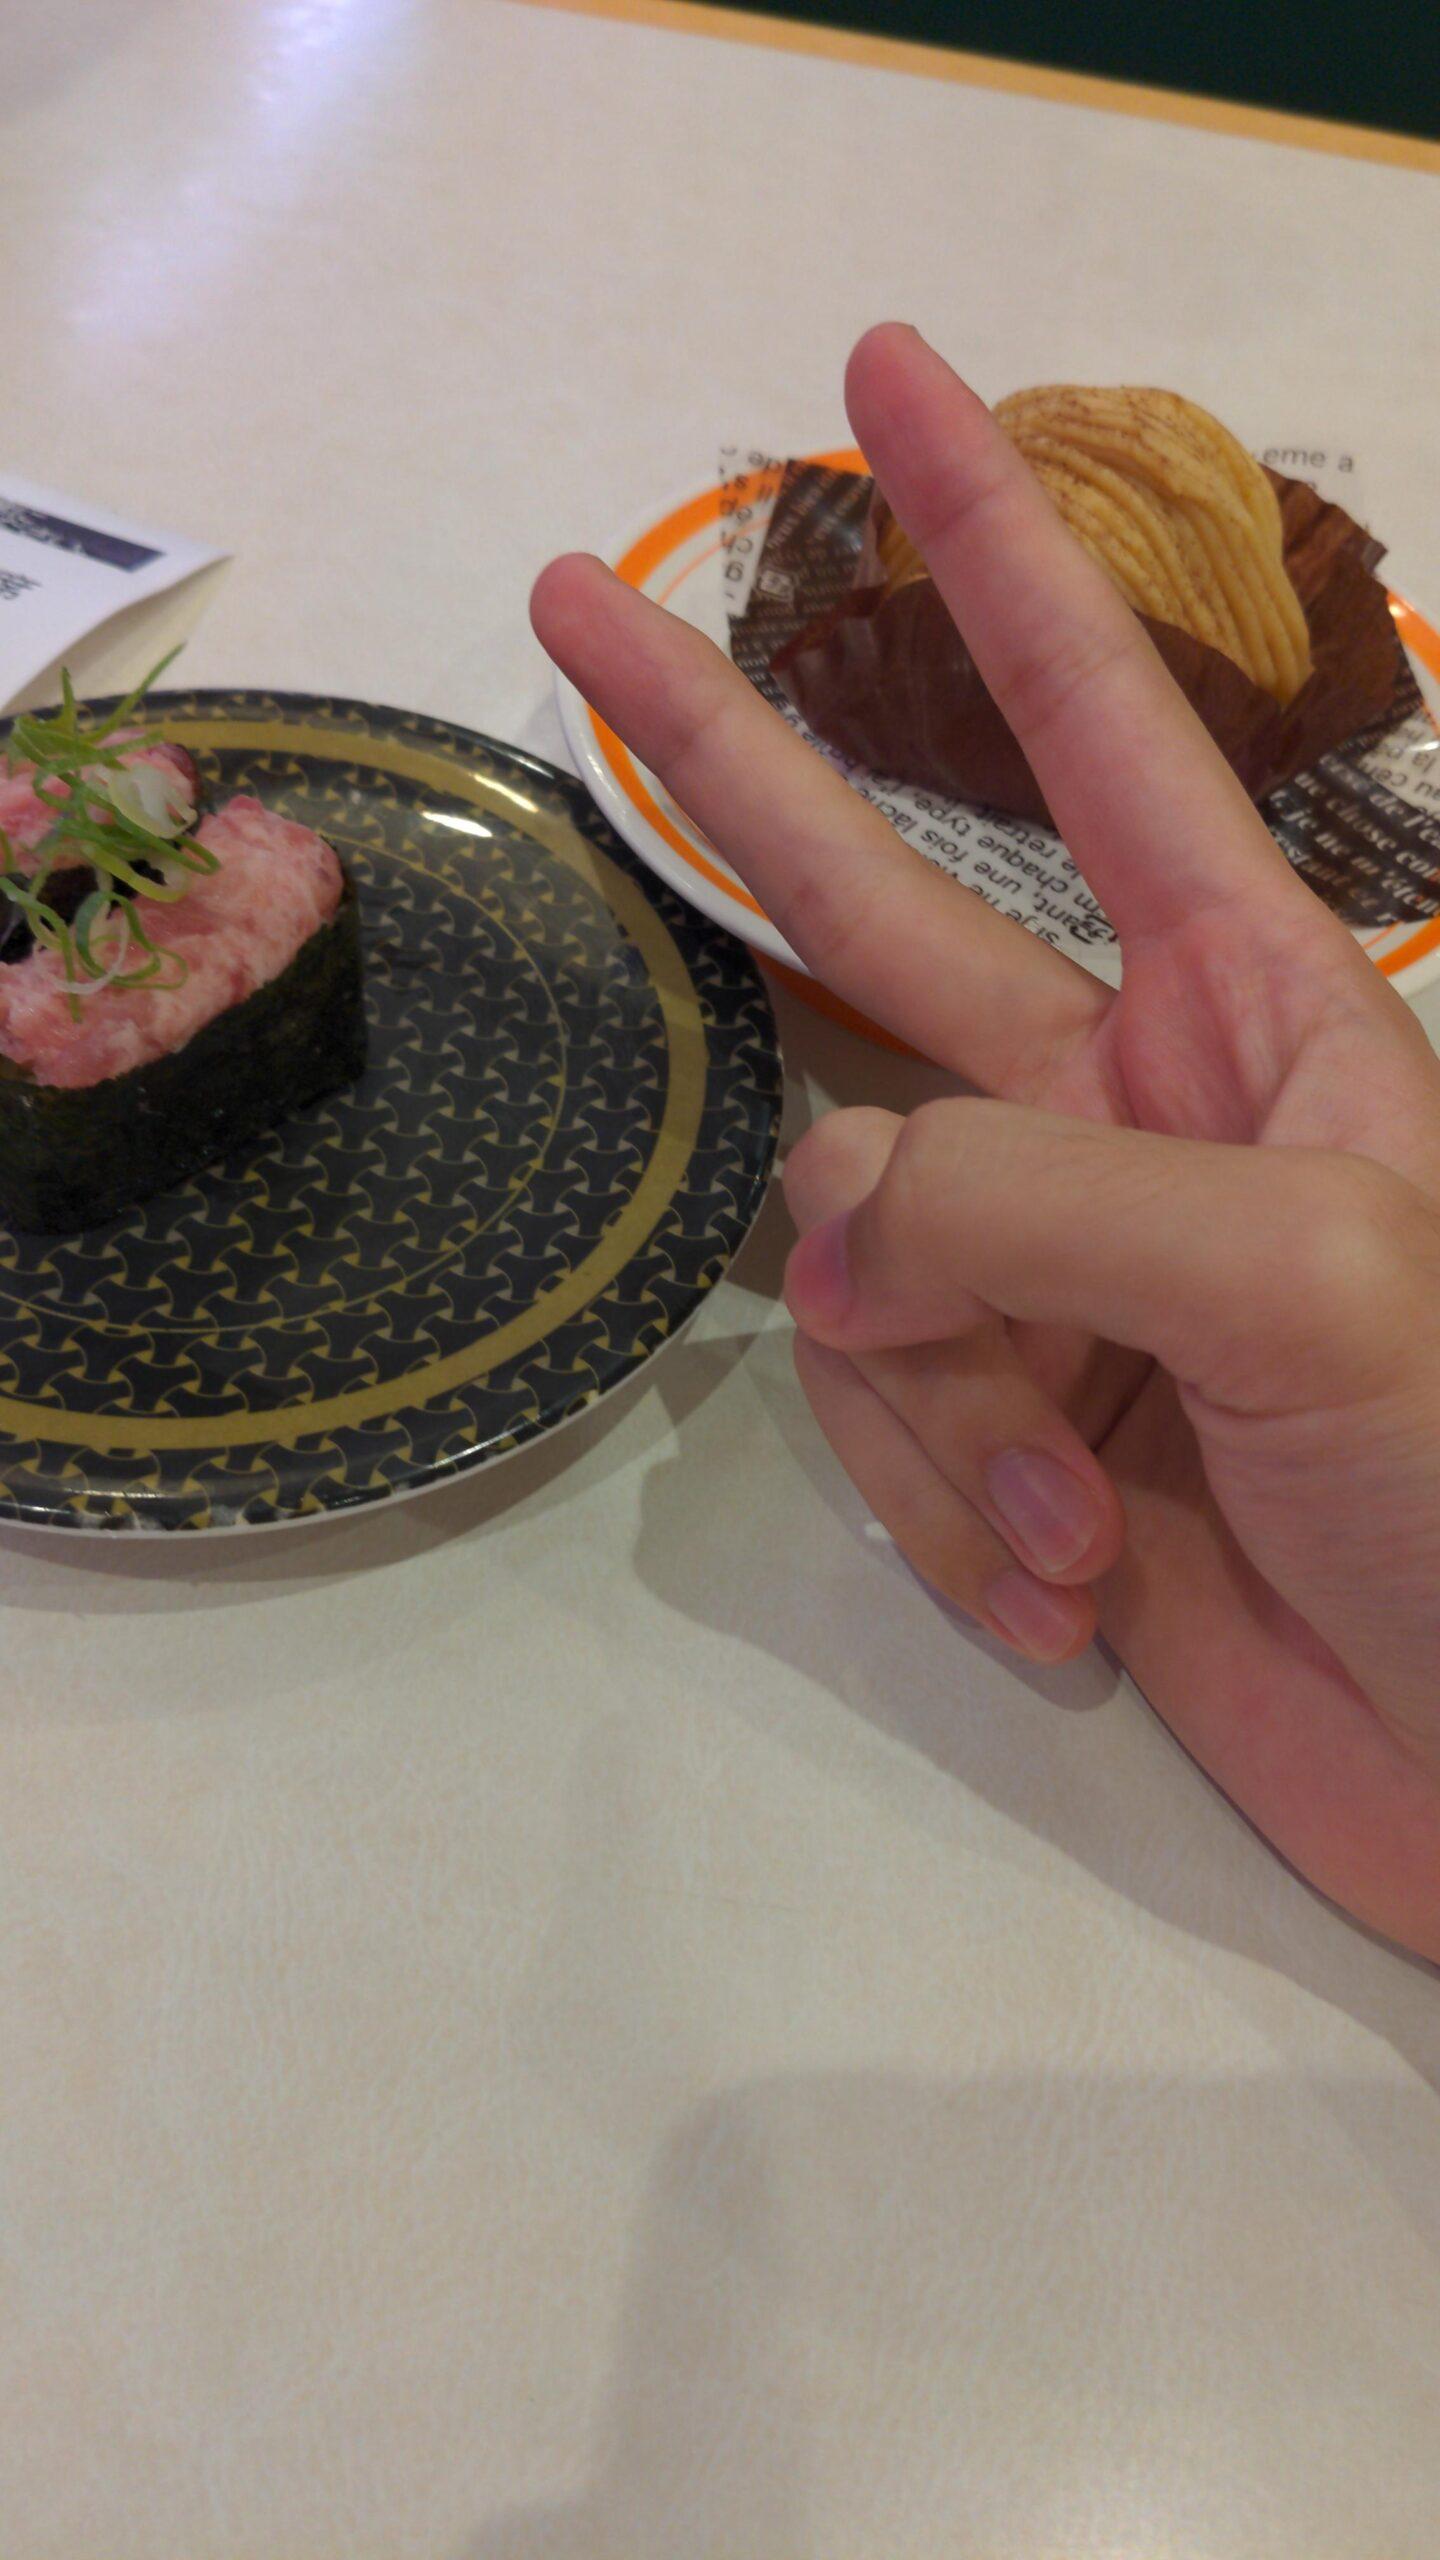 【画像有】はま寿司来たから安価で食べるンゴ